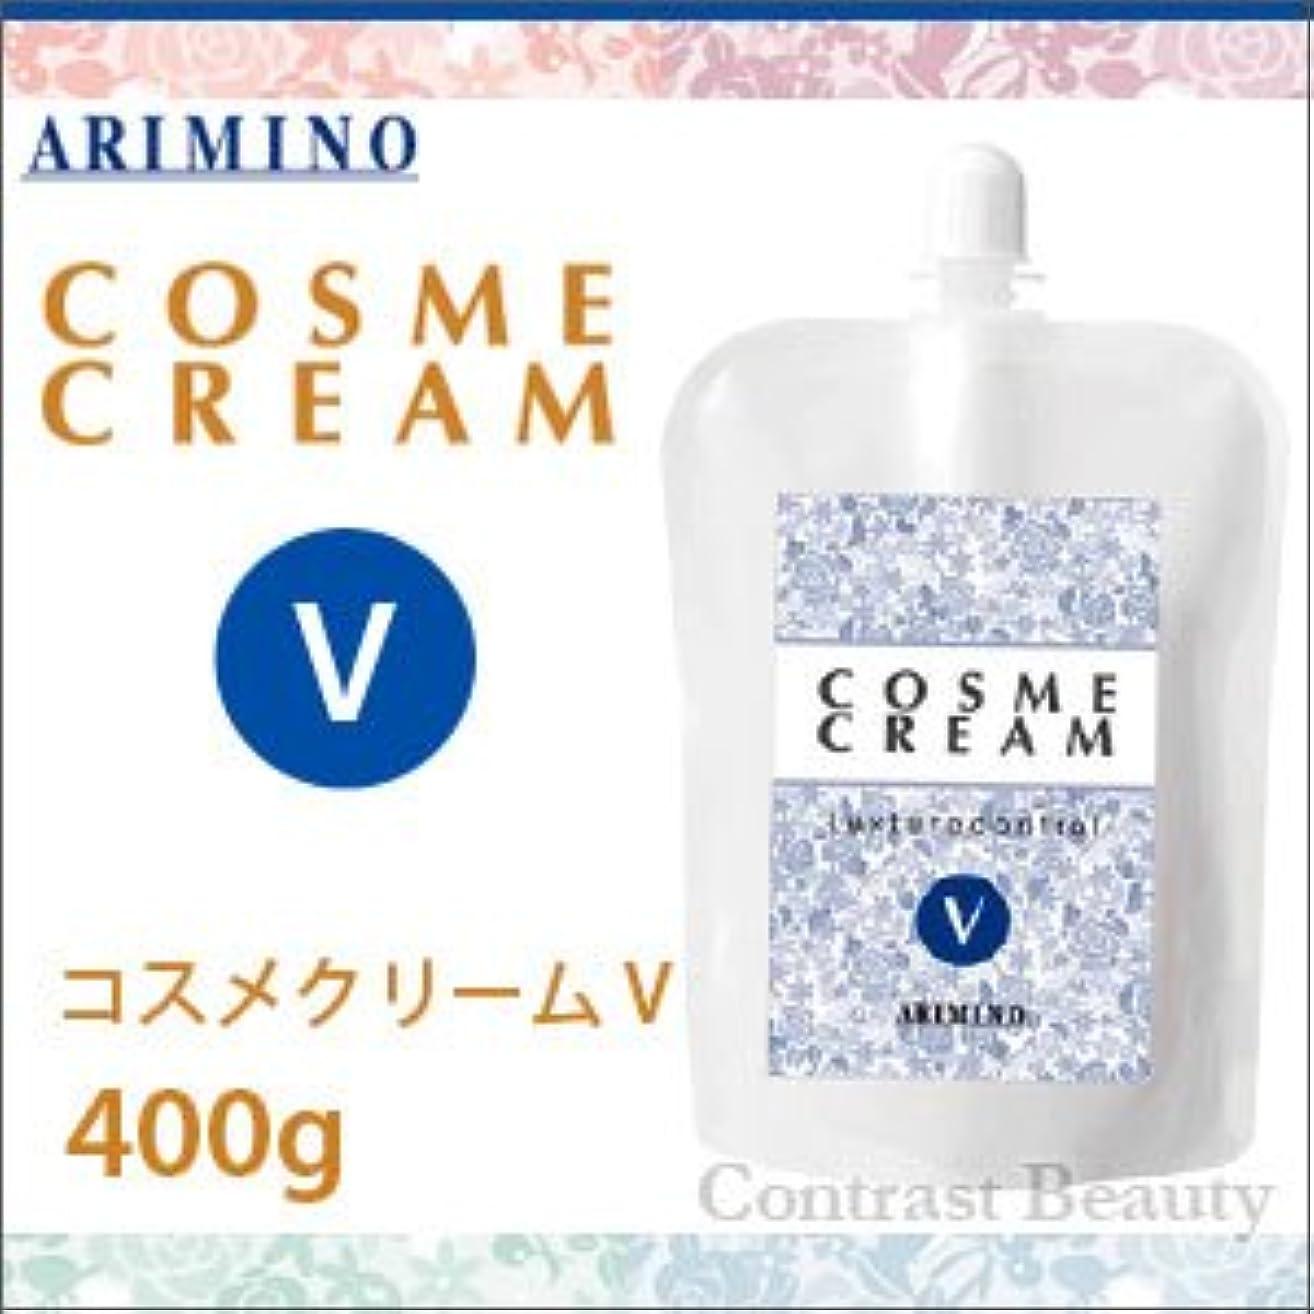 見る人哺乳類揃える【X5個セット】 アリミノ コスメクリーム V 400g